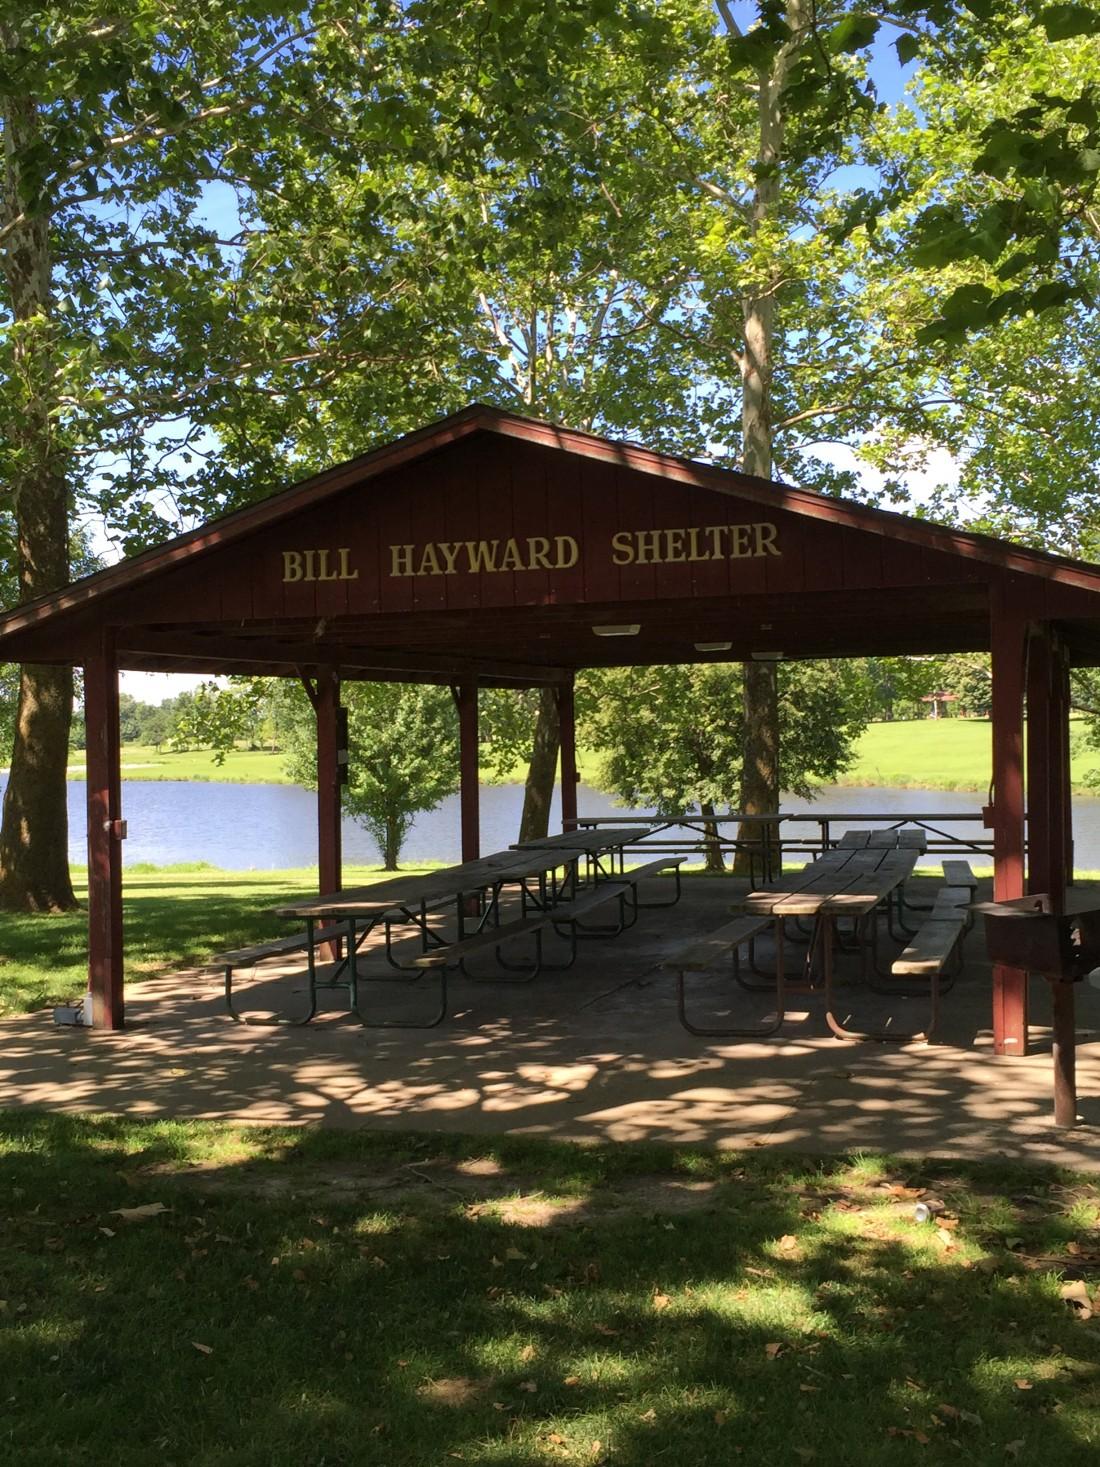 Hayward Shelter